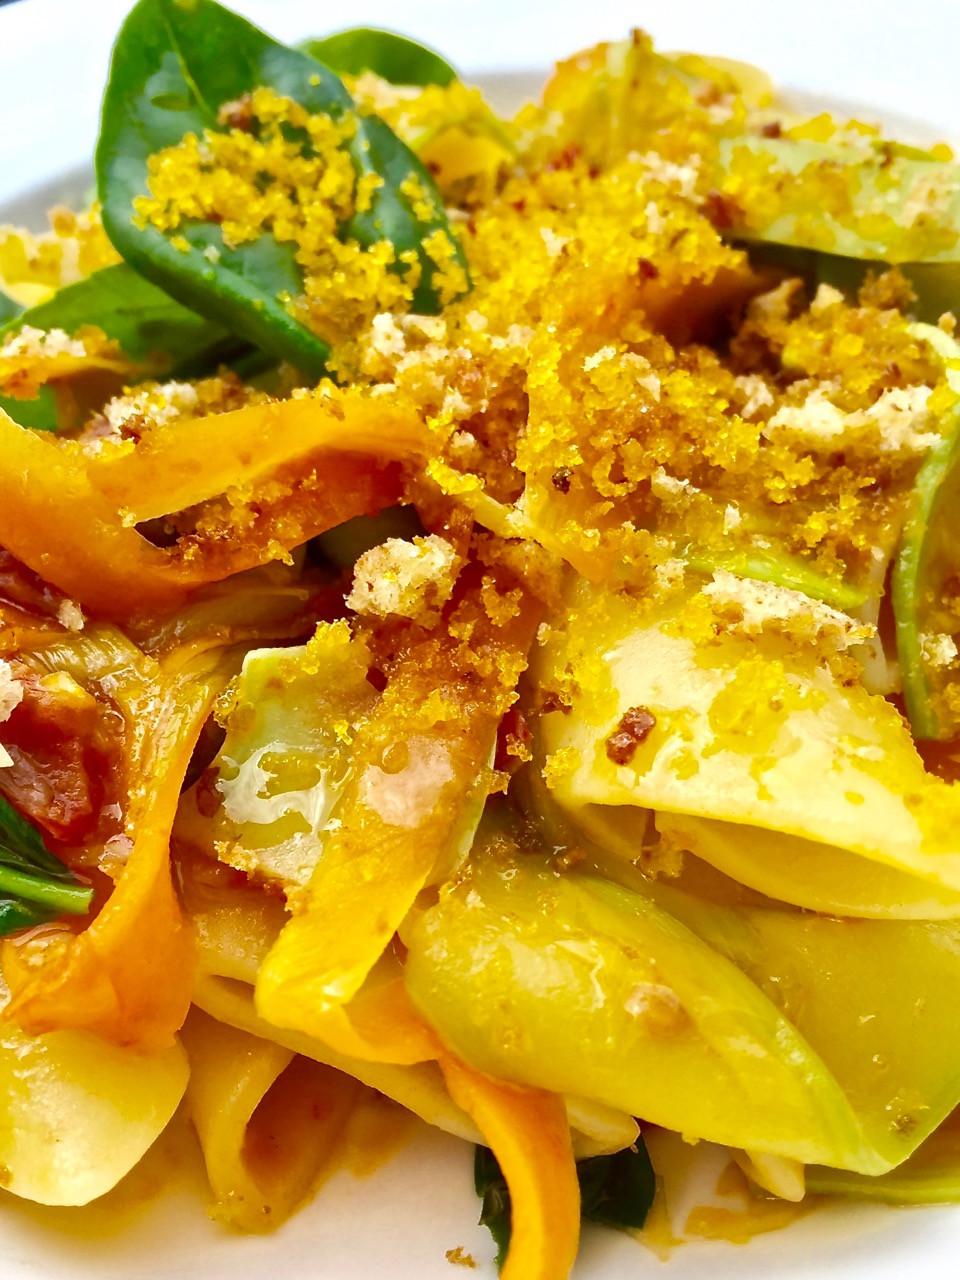 Candele con verdure croccanti, pomodorini secchi e bottarga